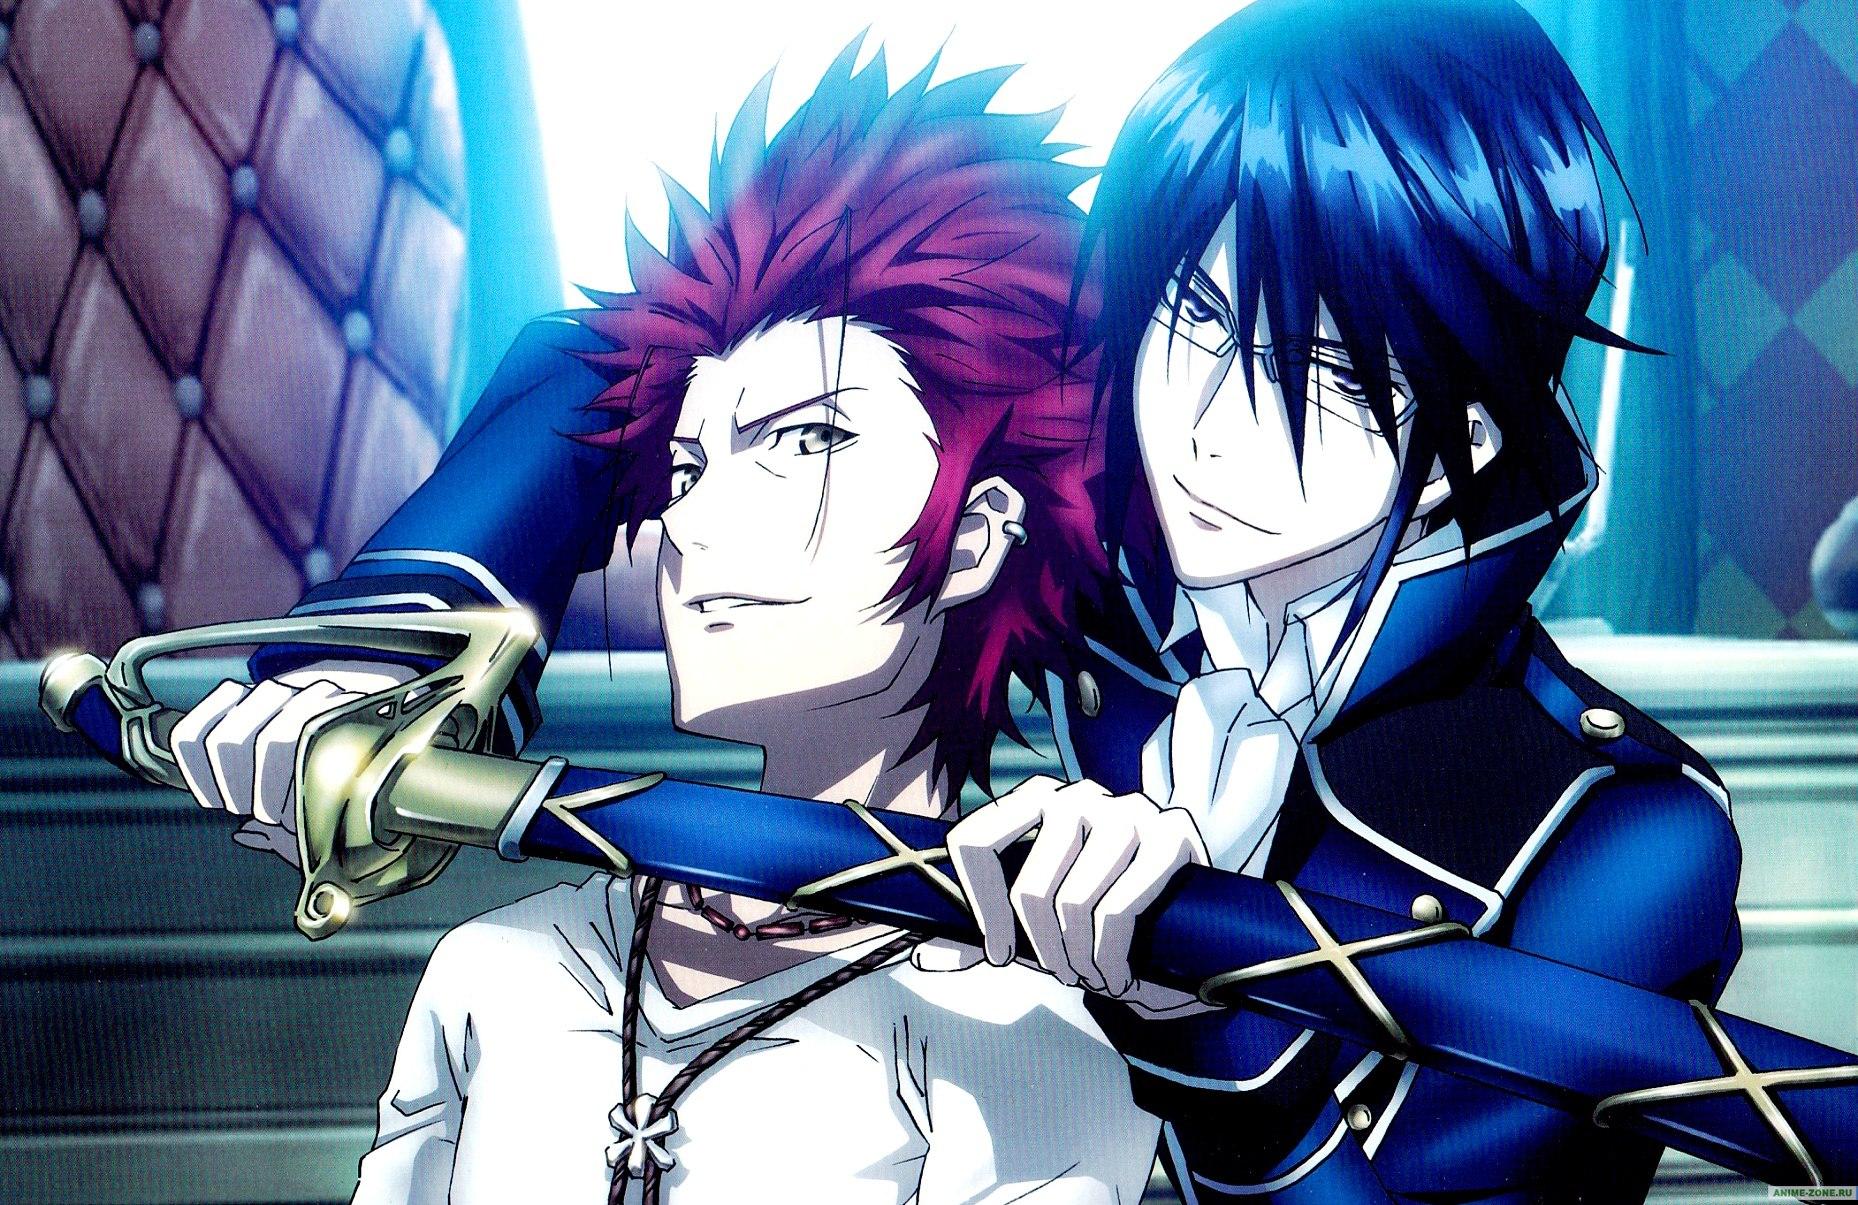 K-Project** - The Anime Kingdom Wallpaper (37519400) - Fanpop